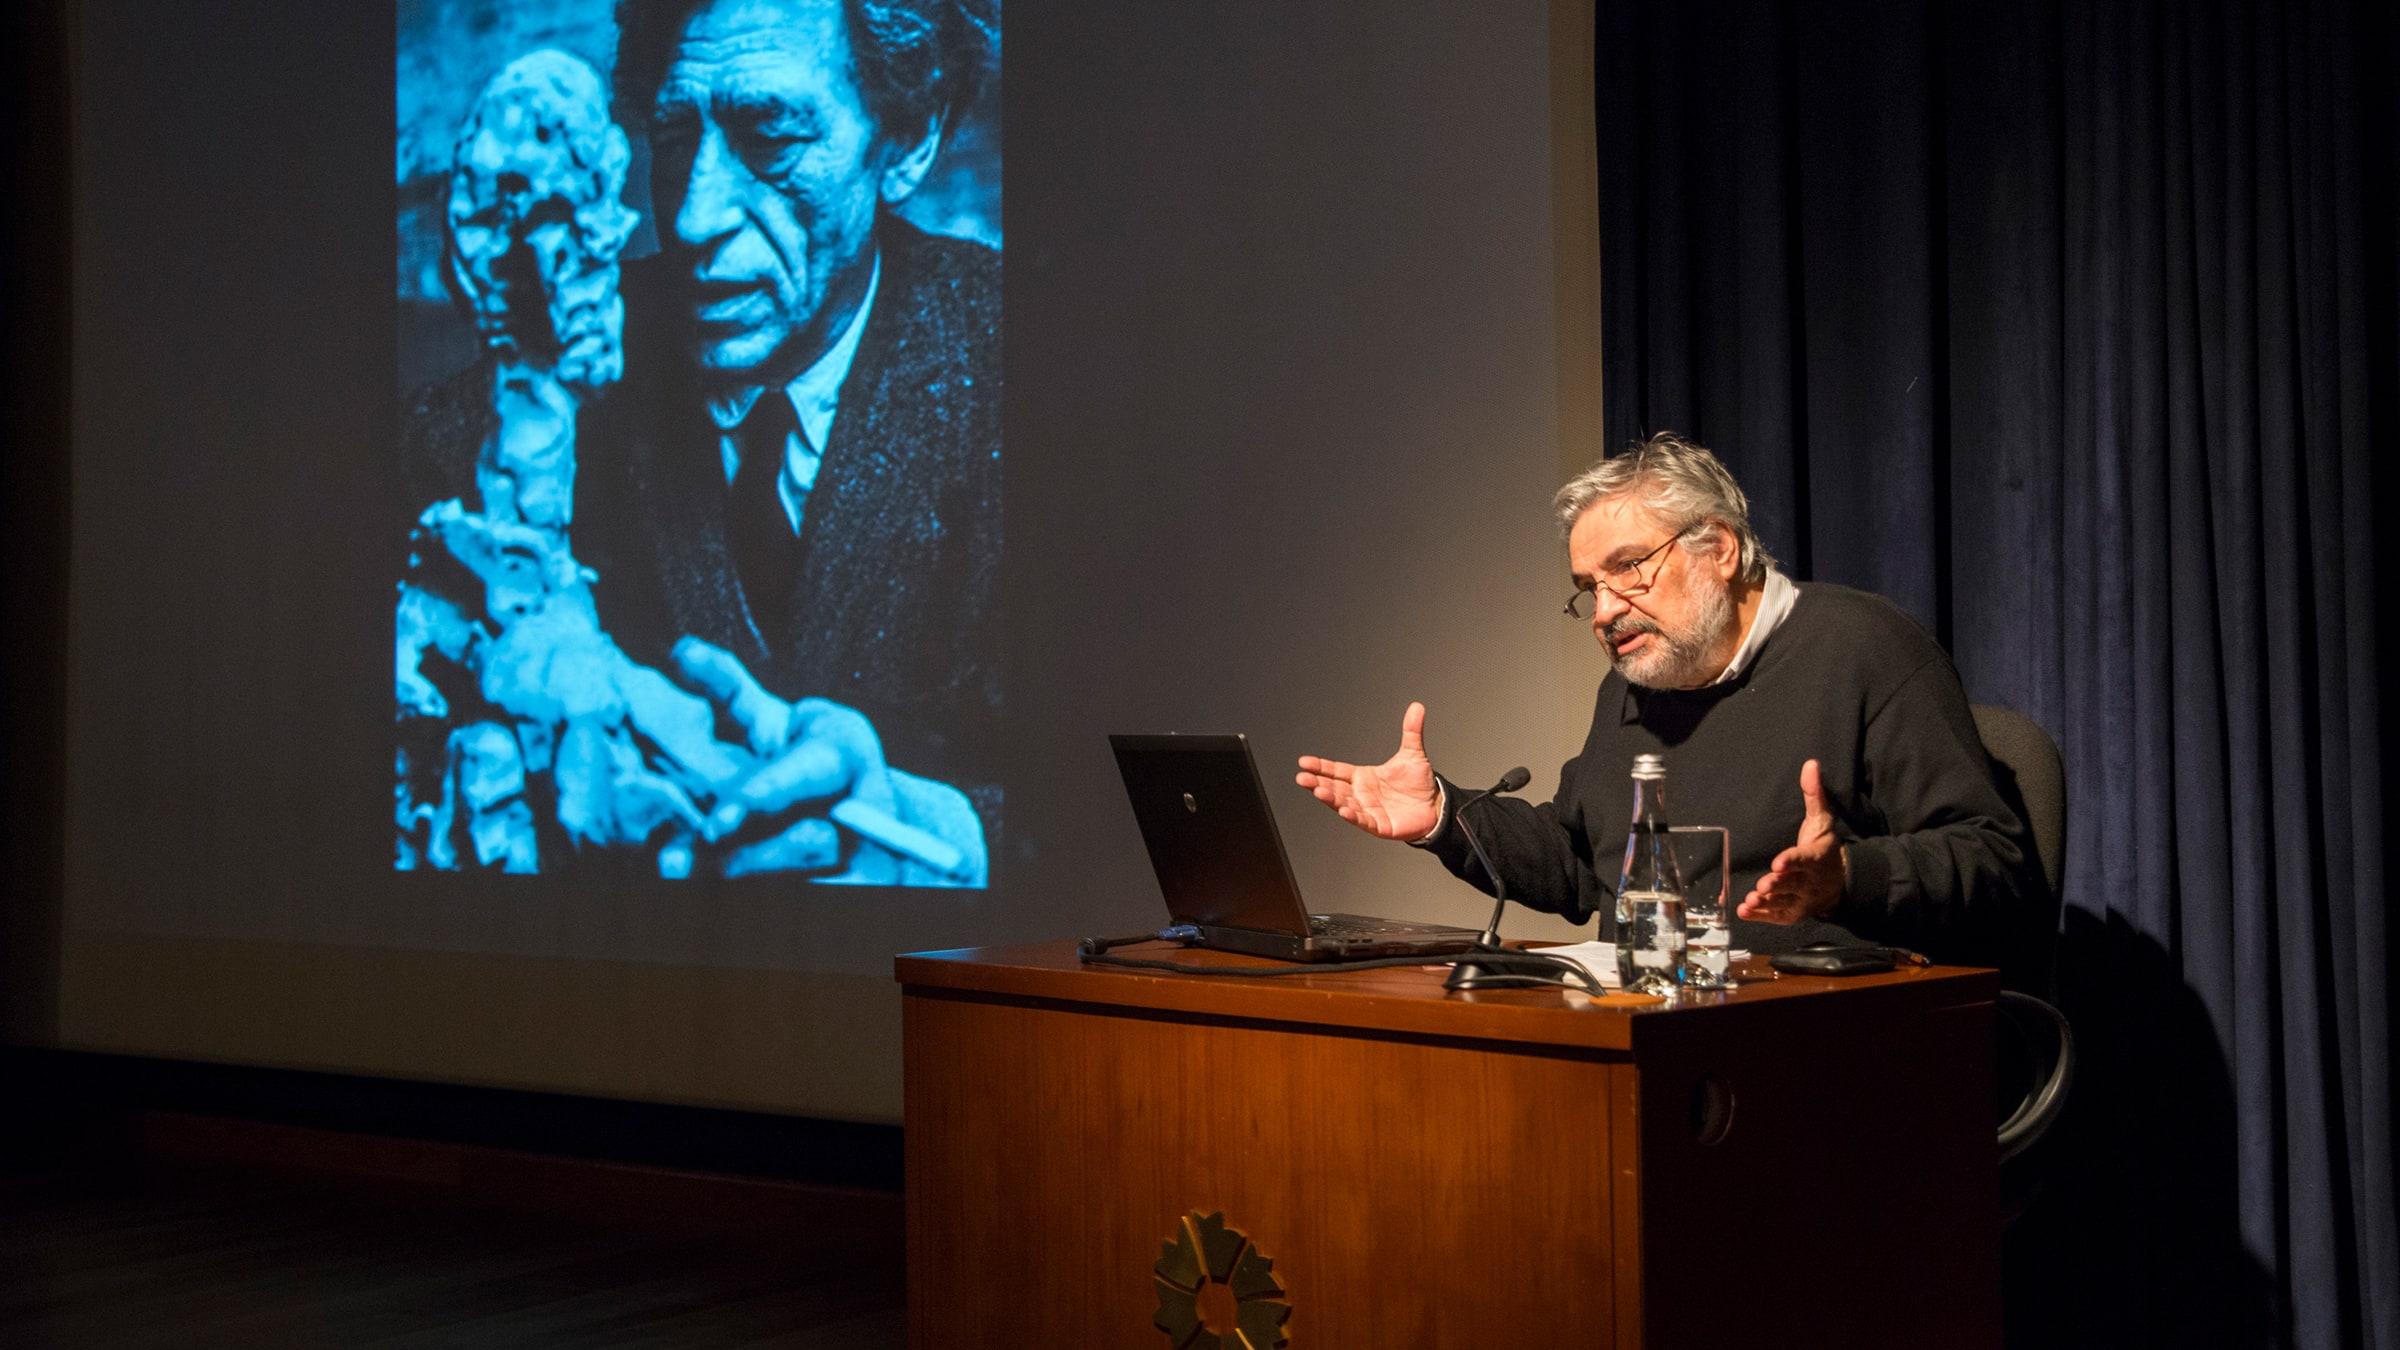 Ali Artun: Giacometti's cul-de-sac of reality